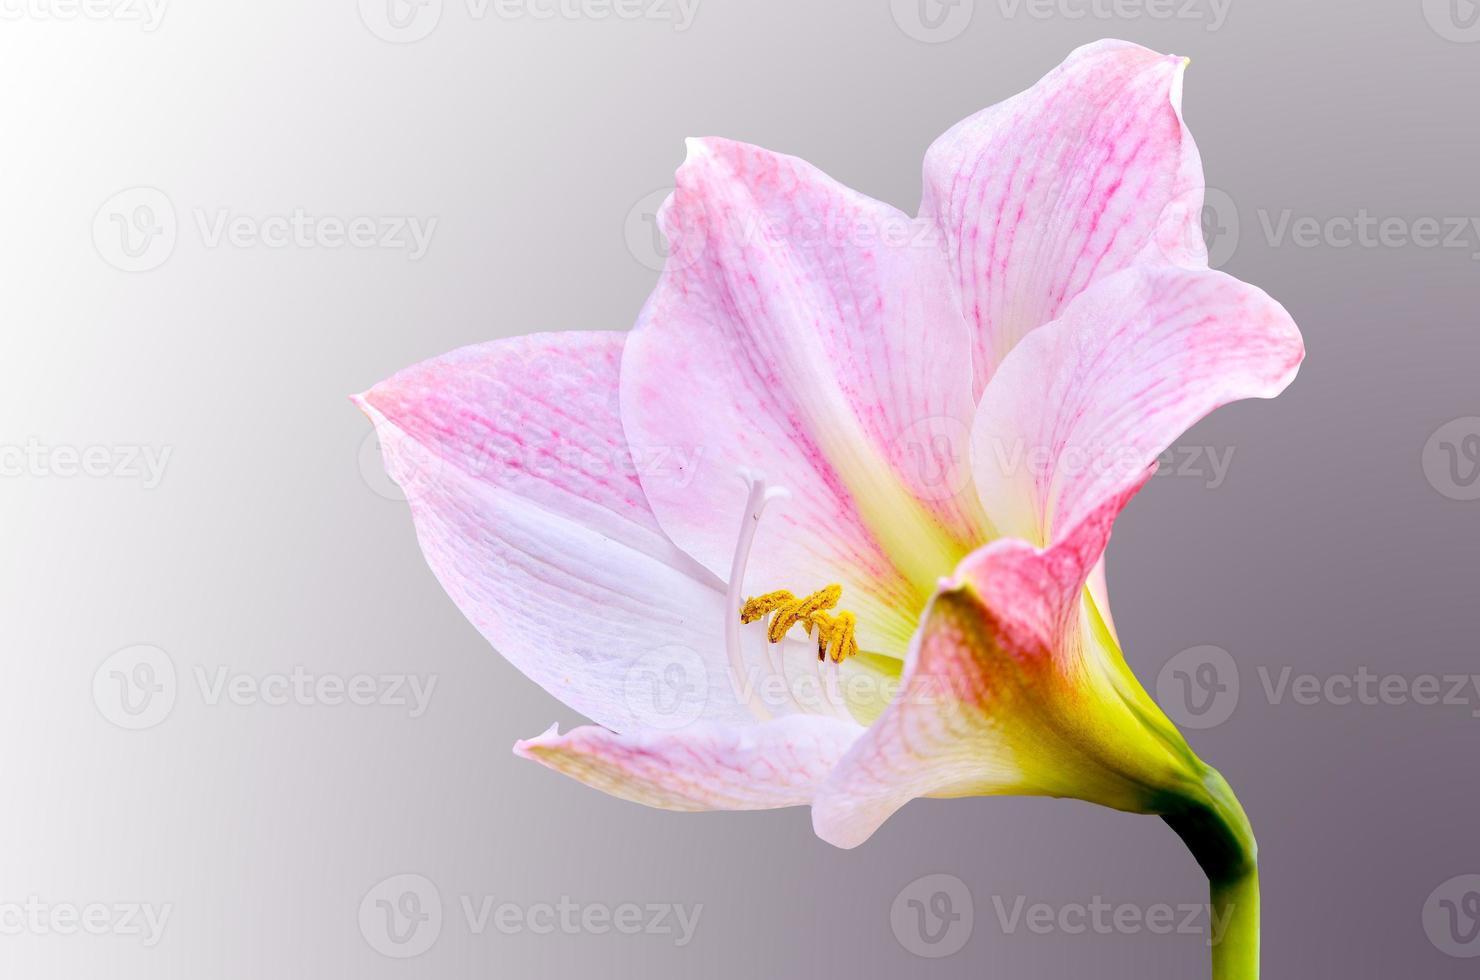 flor de hippeastrum johnsonii foto